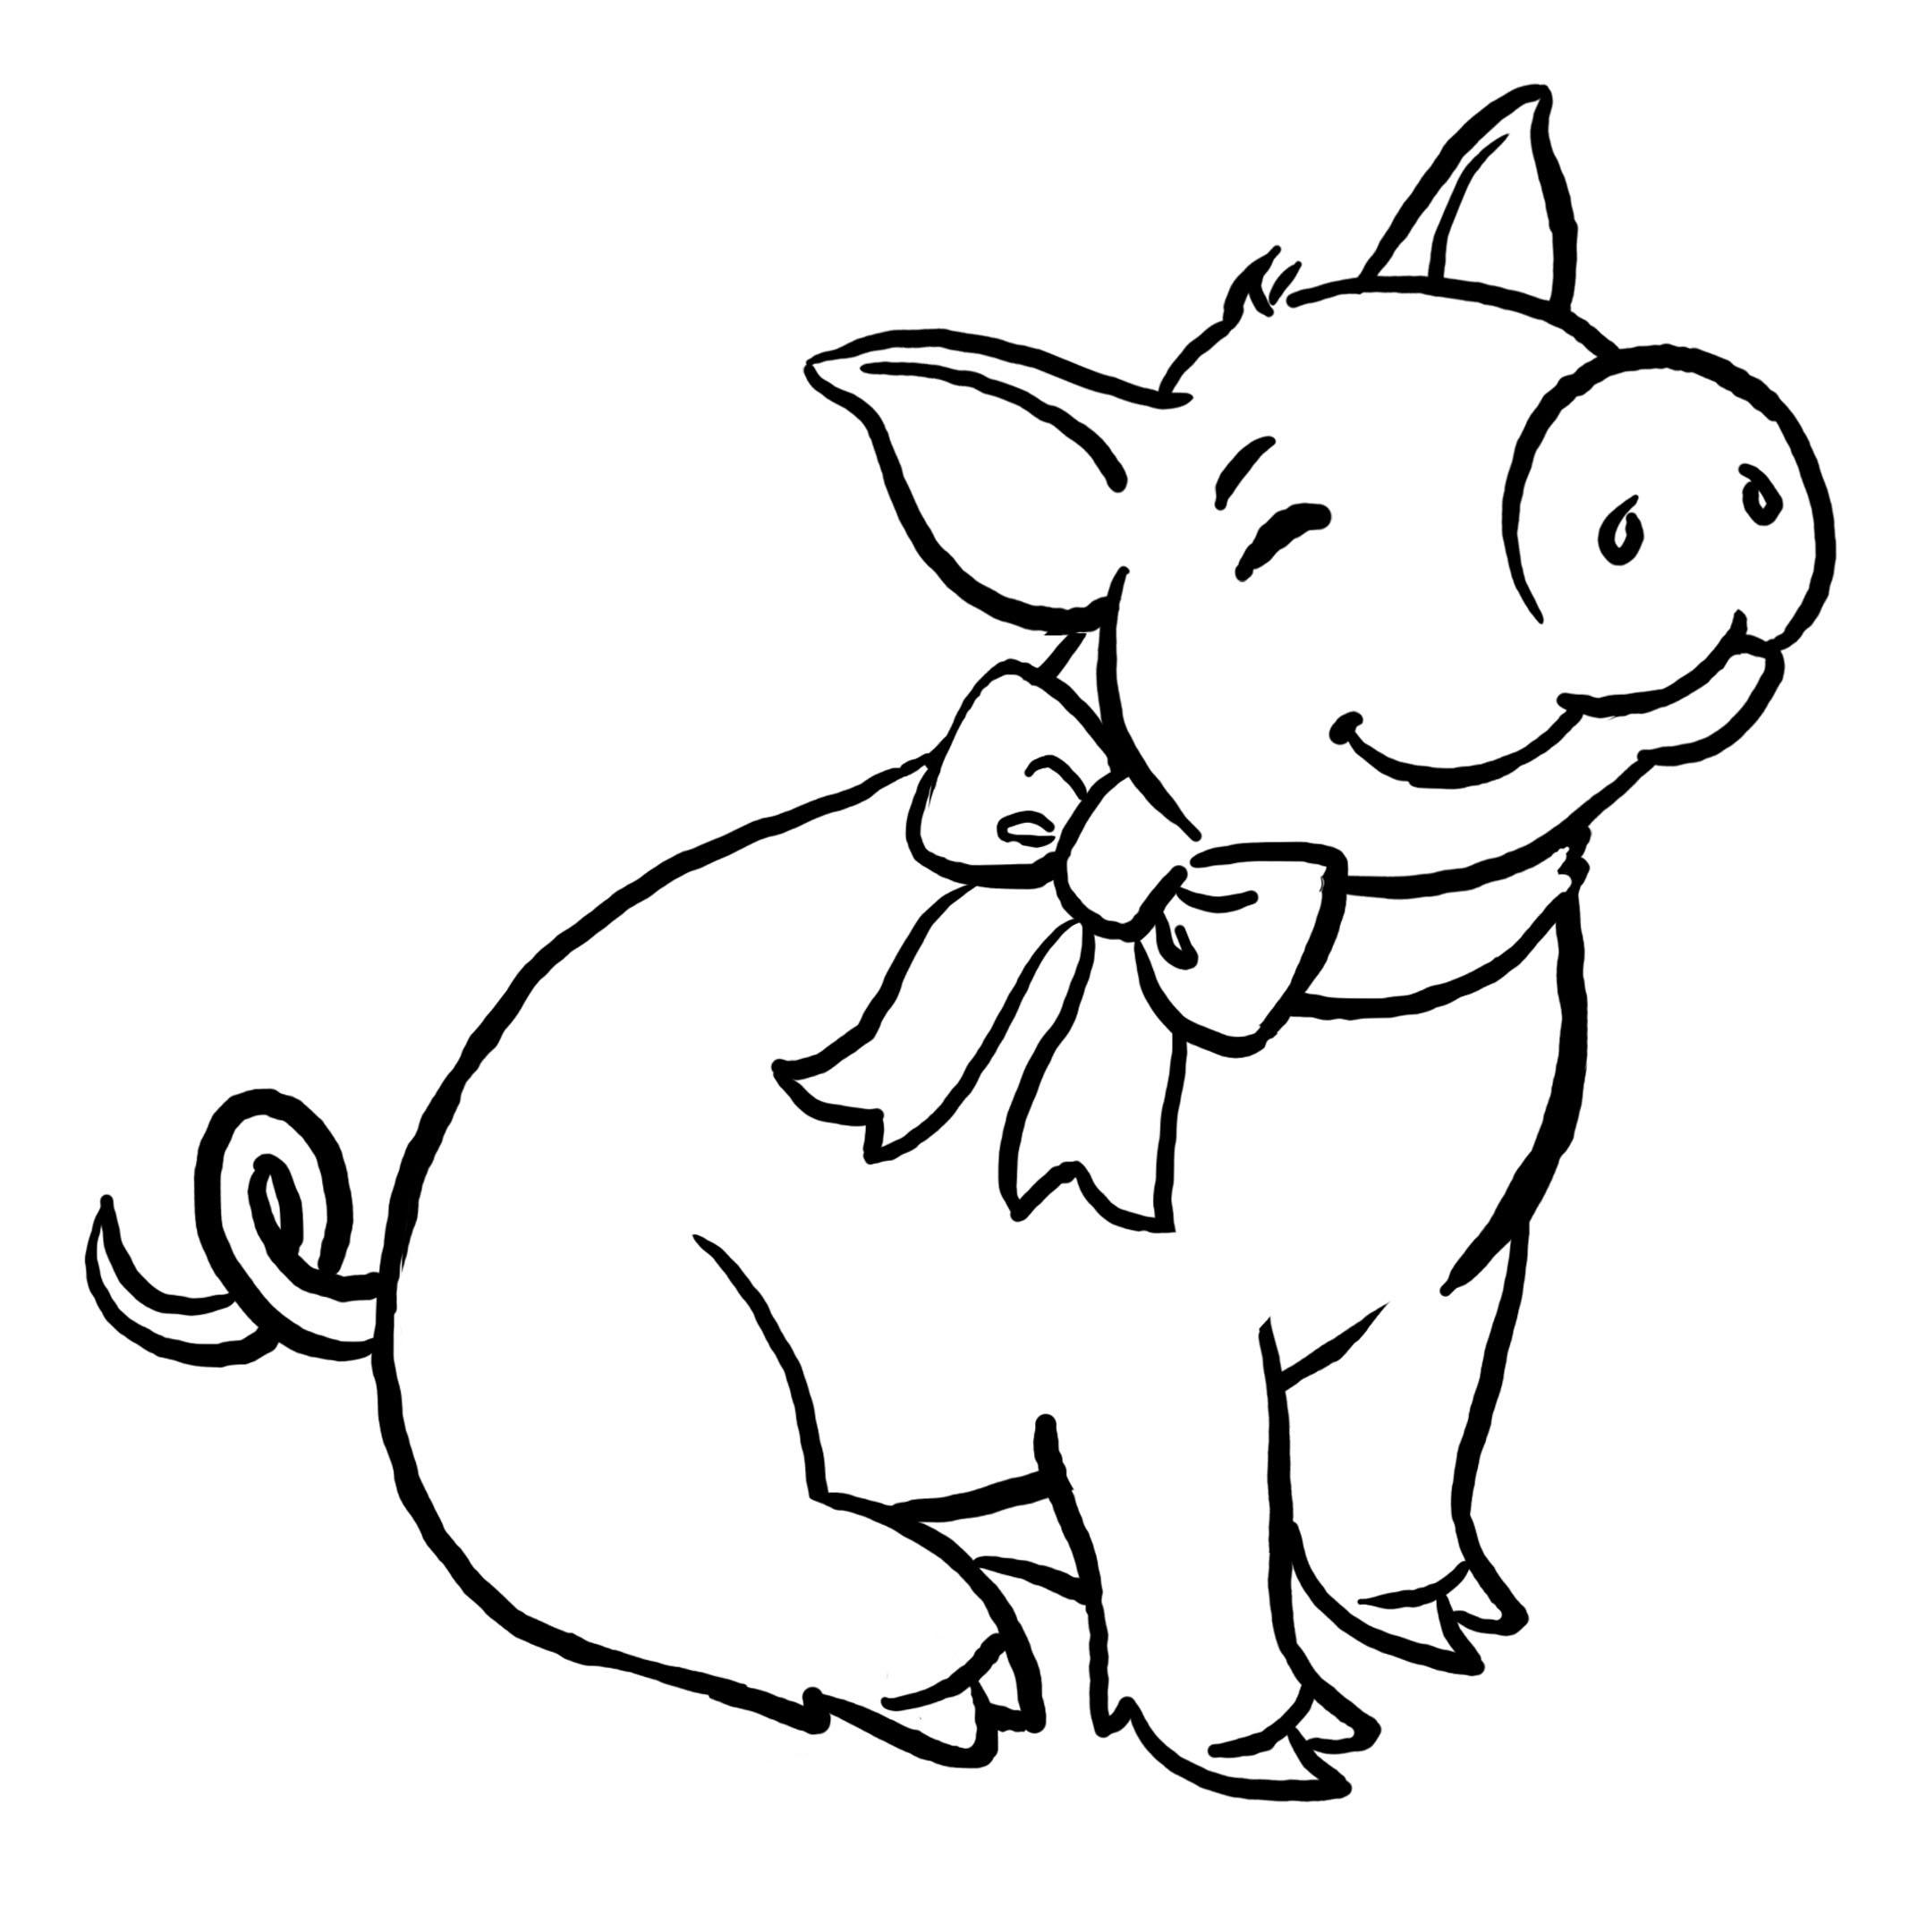 planse desene de colorat porc 20